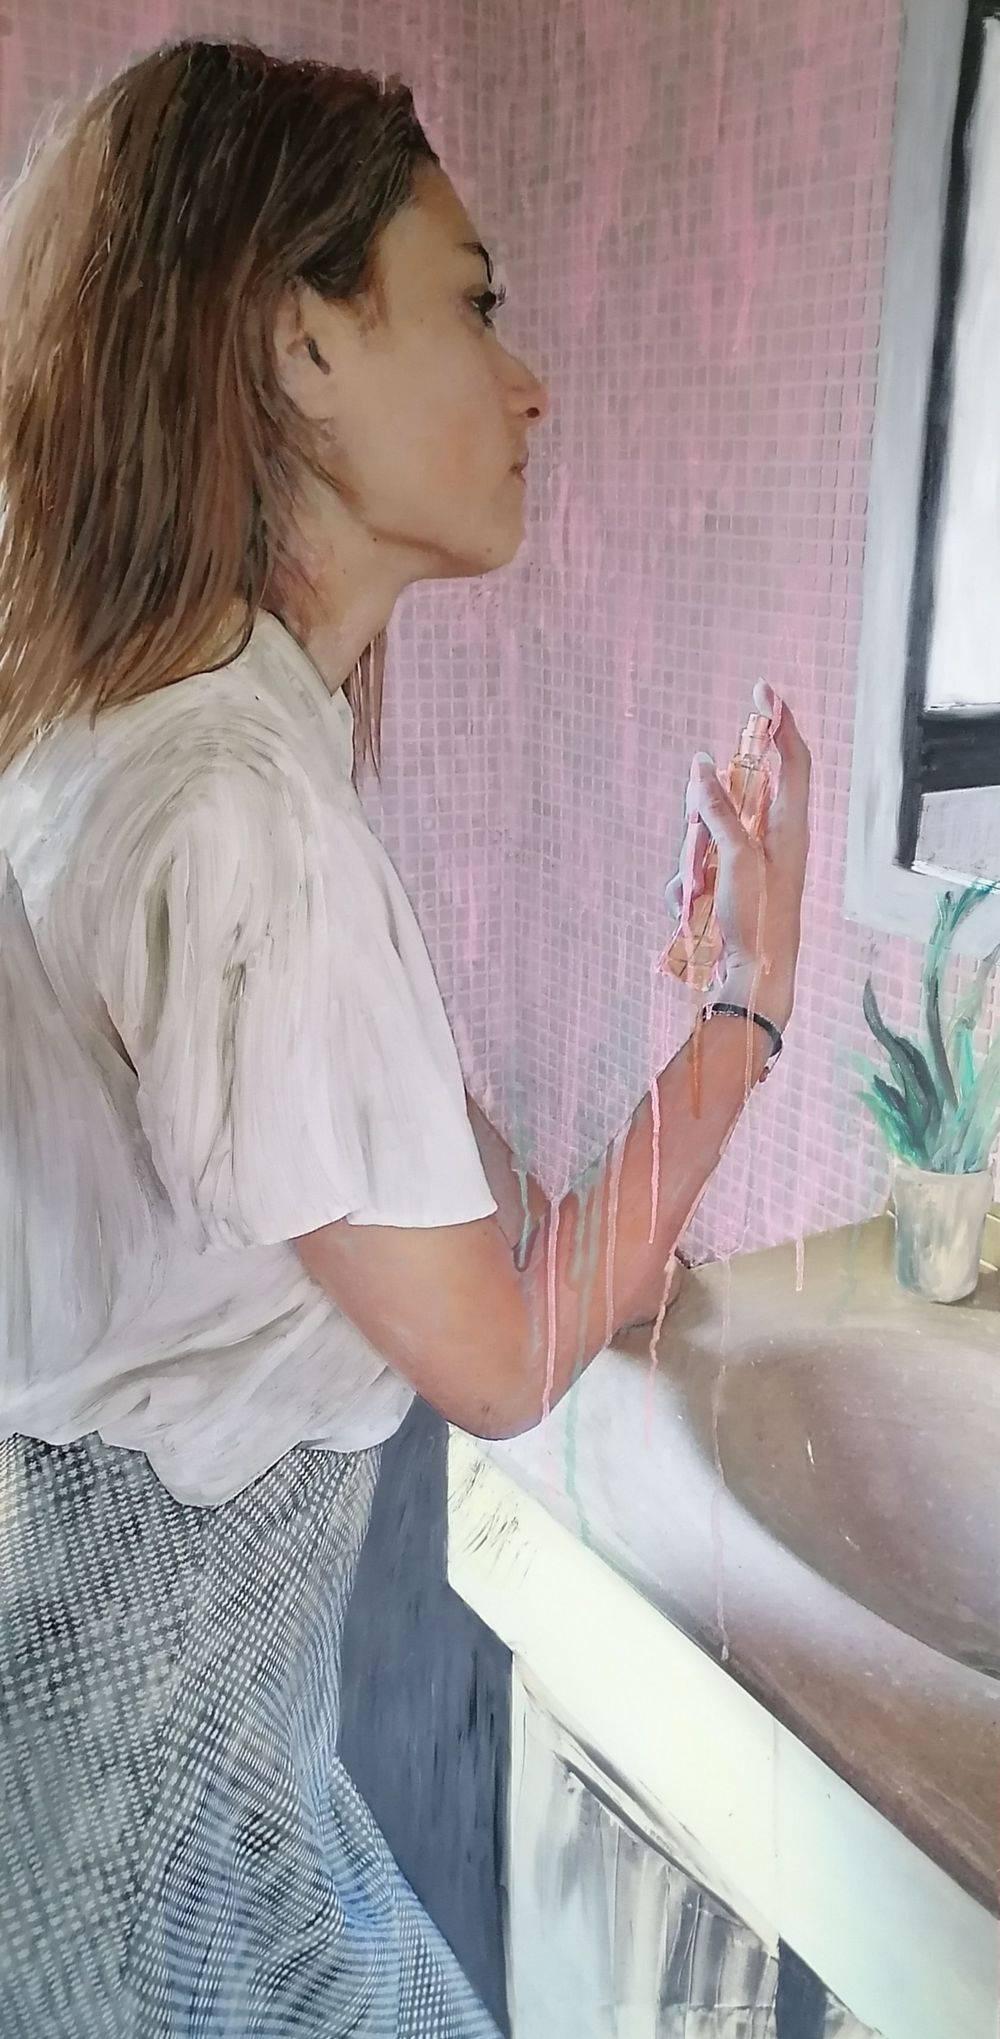 Aquarelle, Peinture à l'huile, Félix Vallotton, Femme, Histoire de l'art, Portraiture à l'h